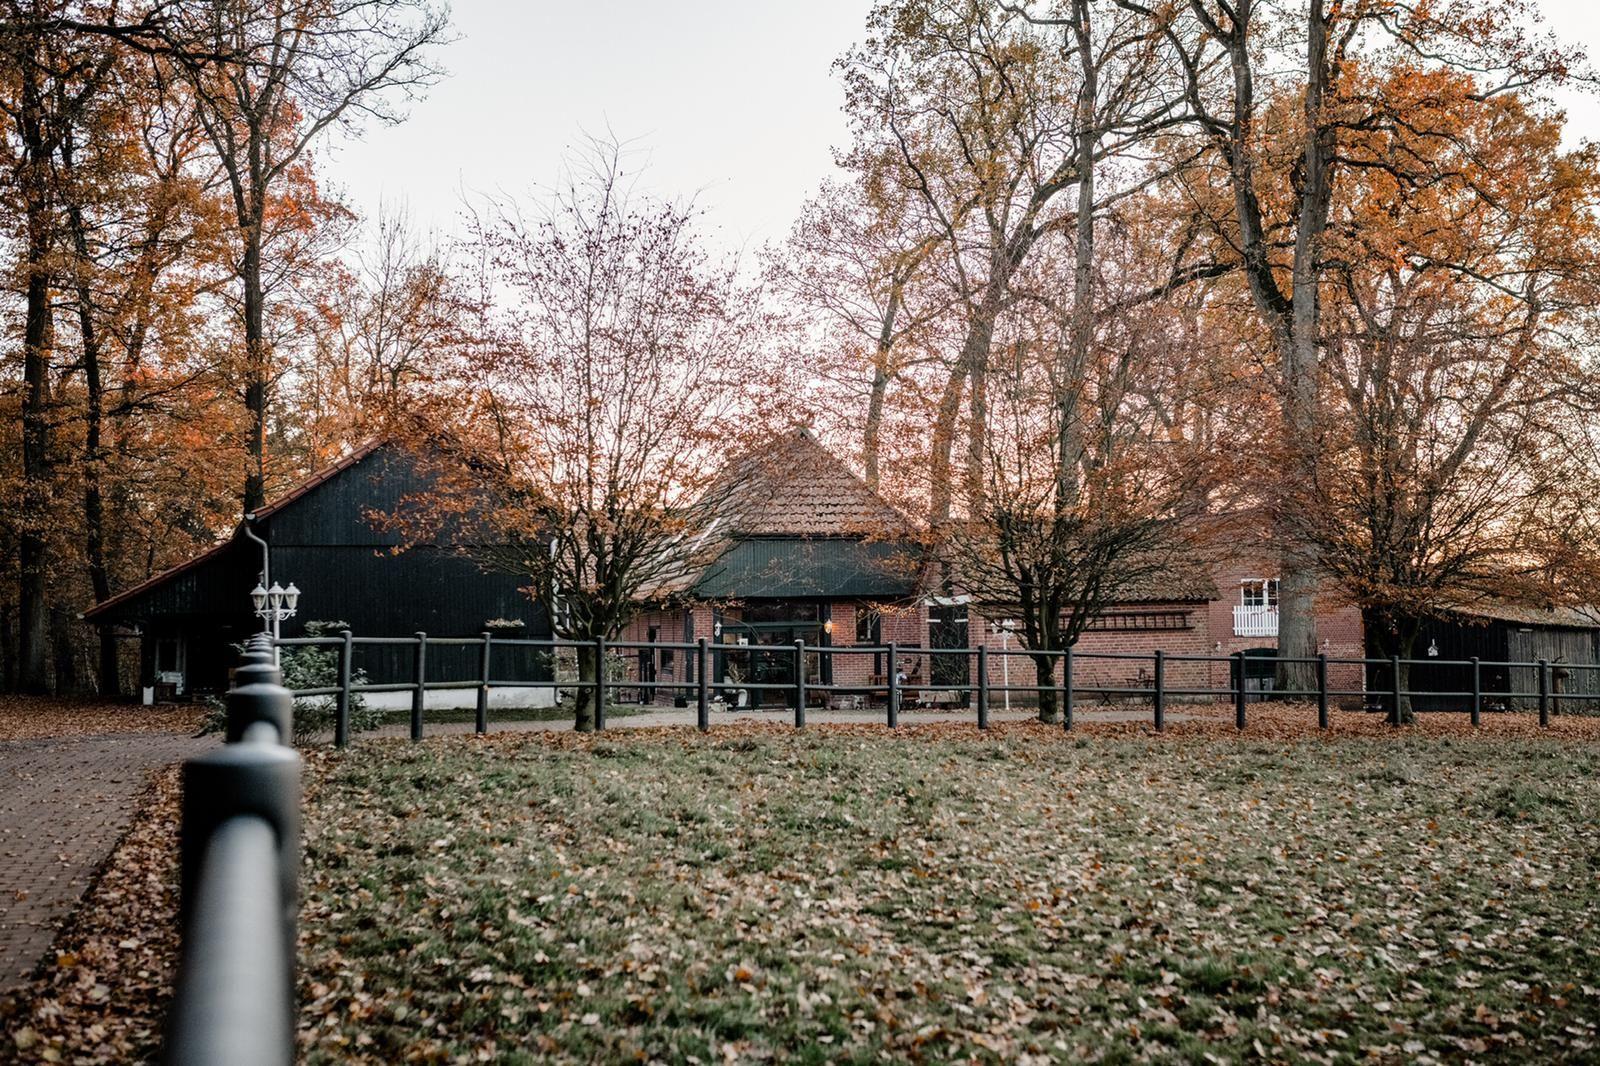 Traumhaus in der Lüneburger Heide